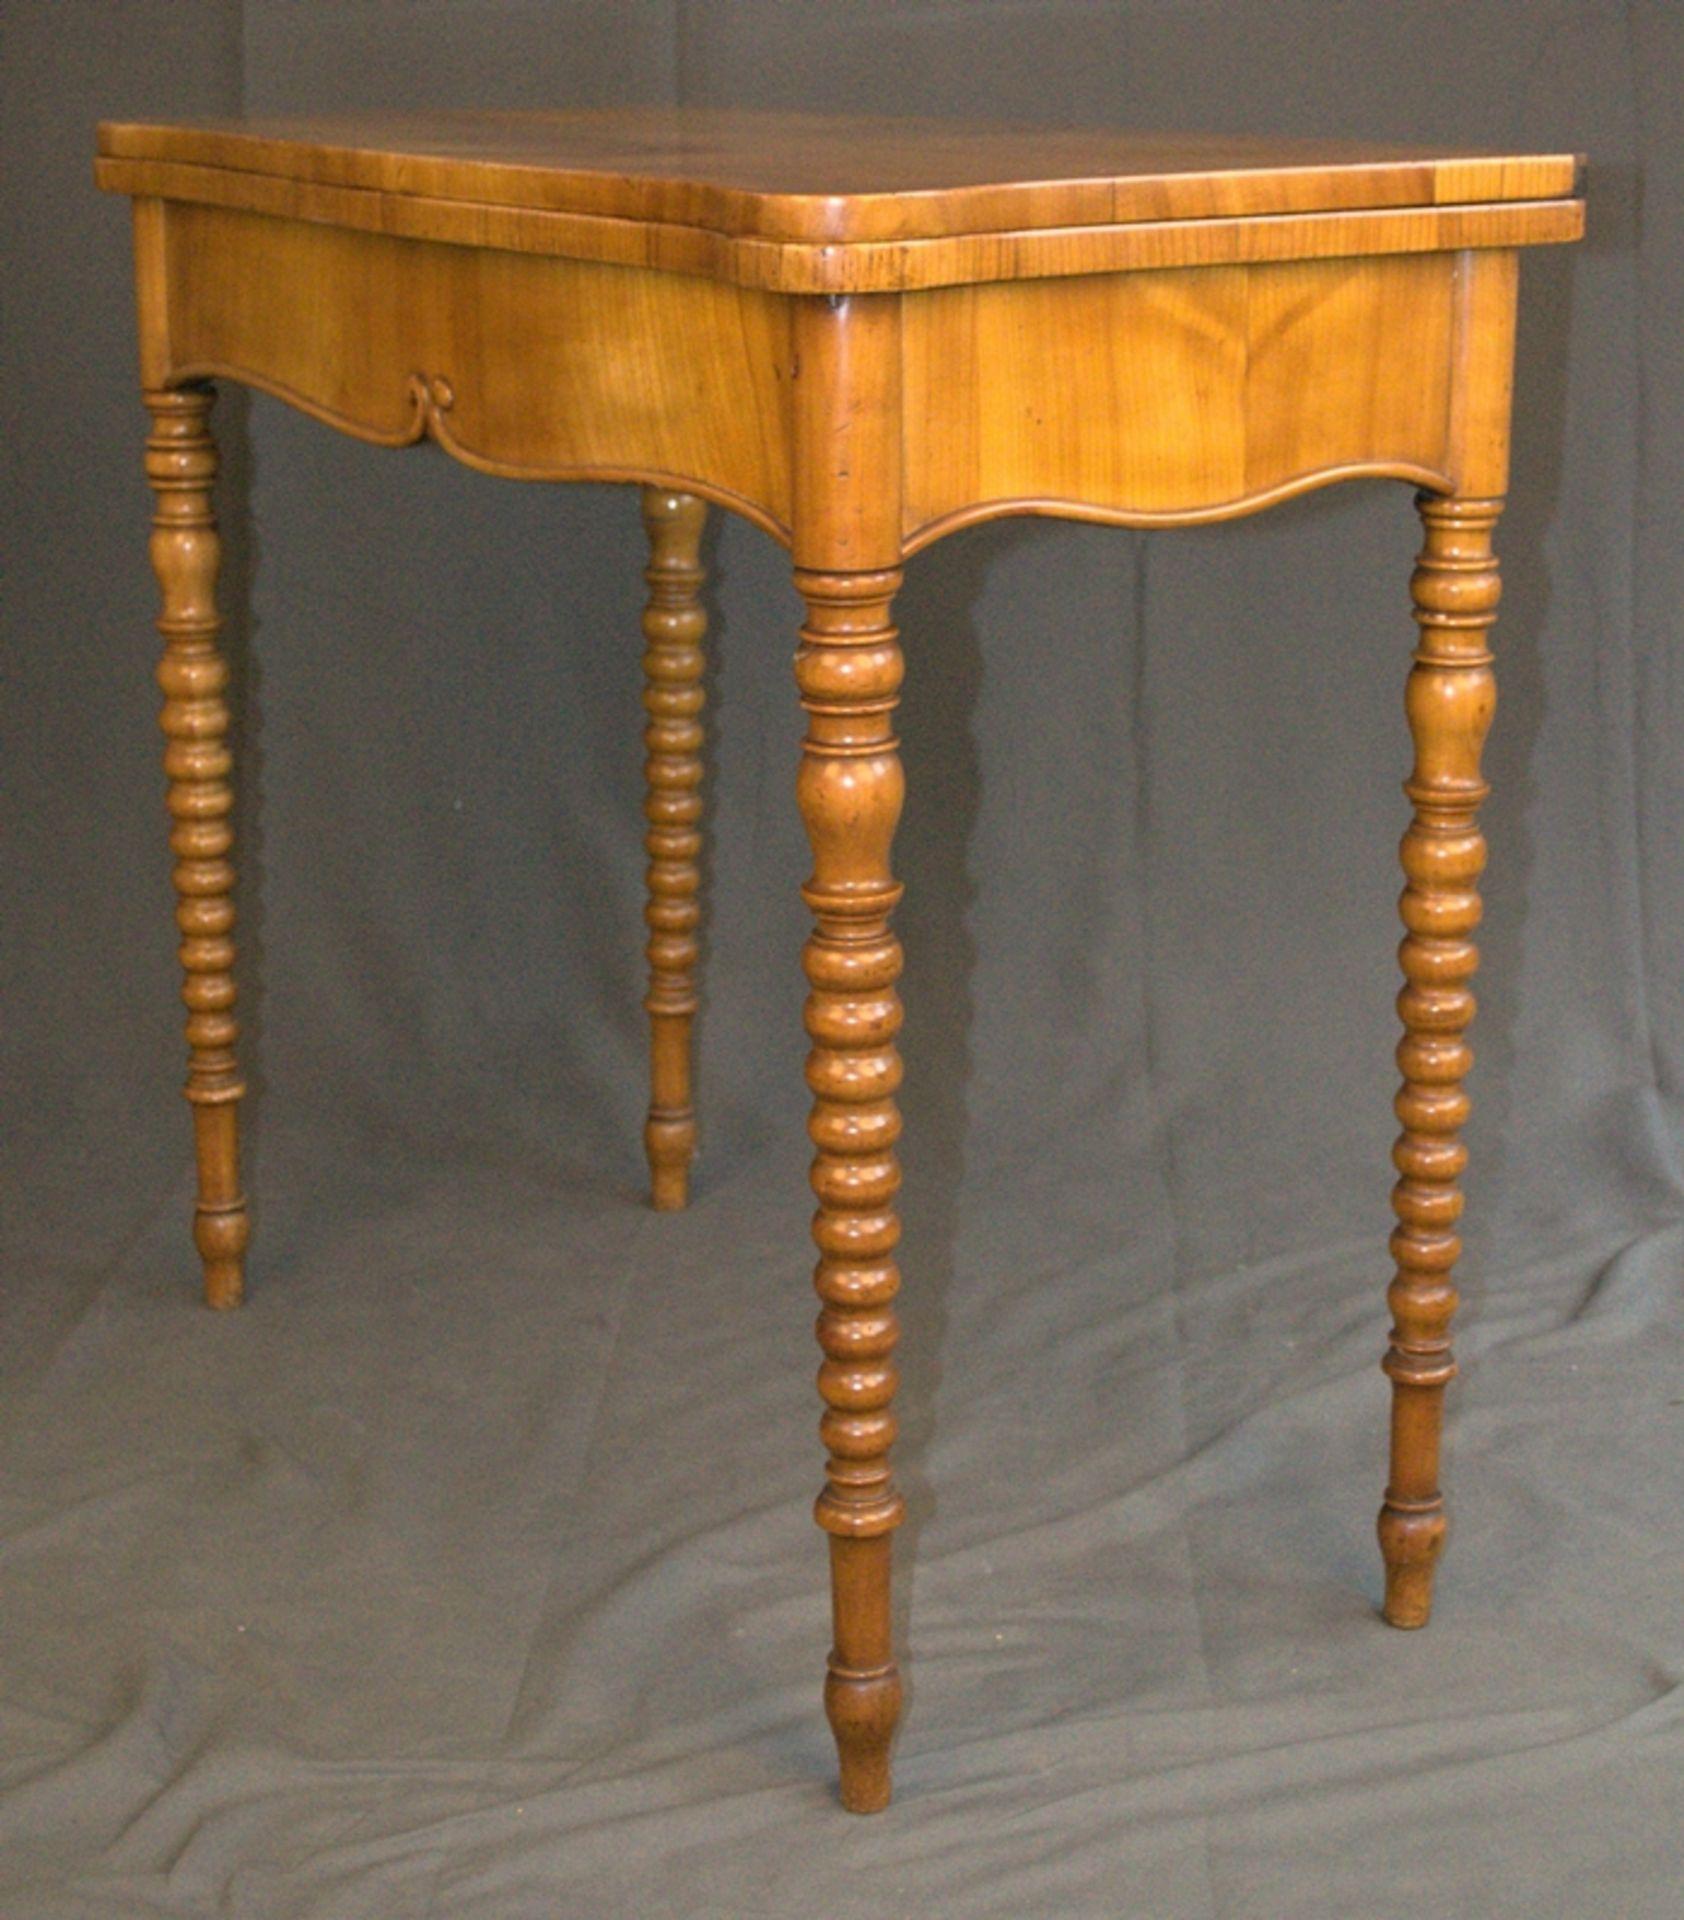 Konsoltisch/Spieltisch. Spätes Biedermeier um 1840/50. Kirschbaum massiv & furniert. Gepflegter - Bild 2 aus 24